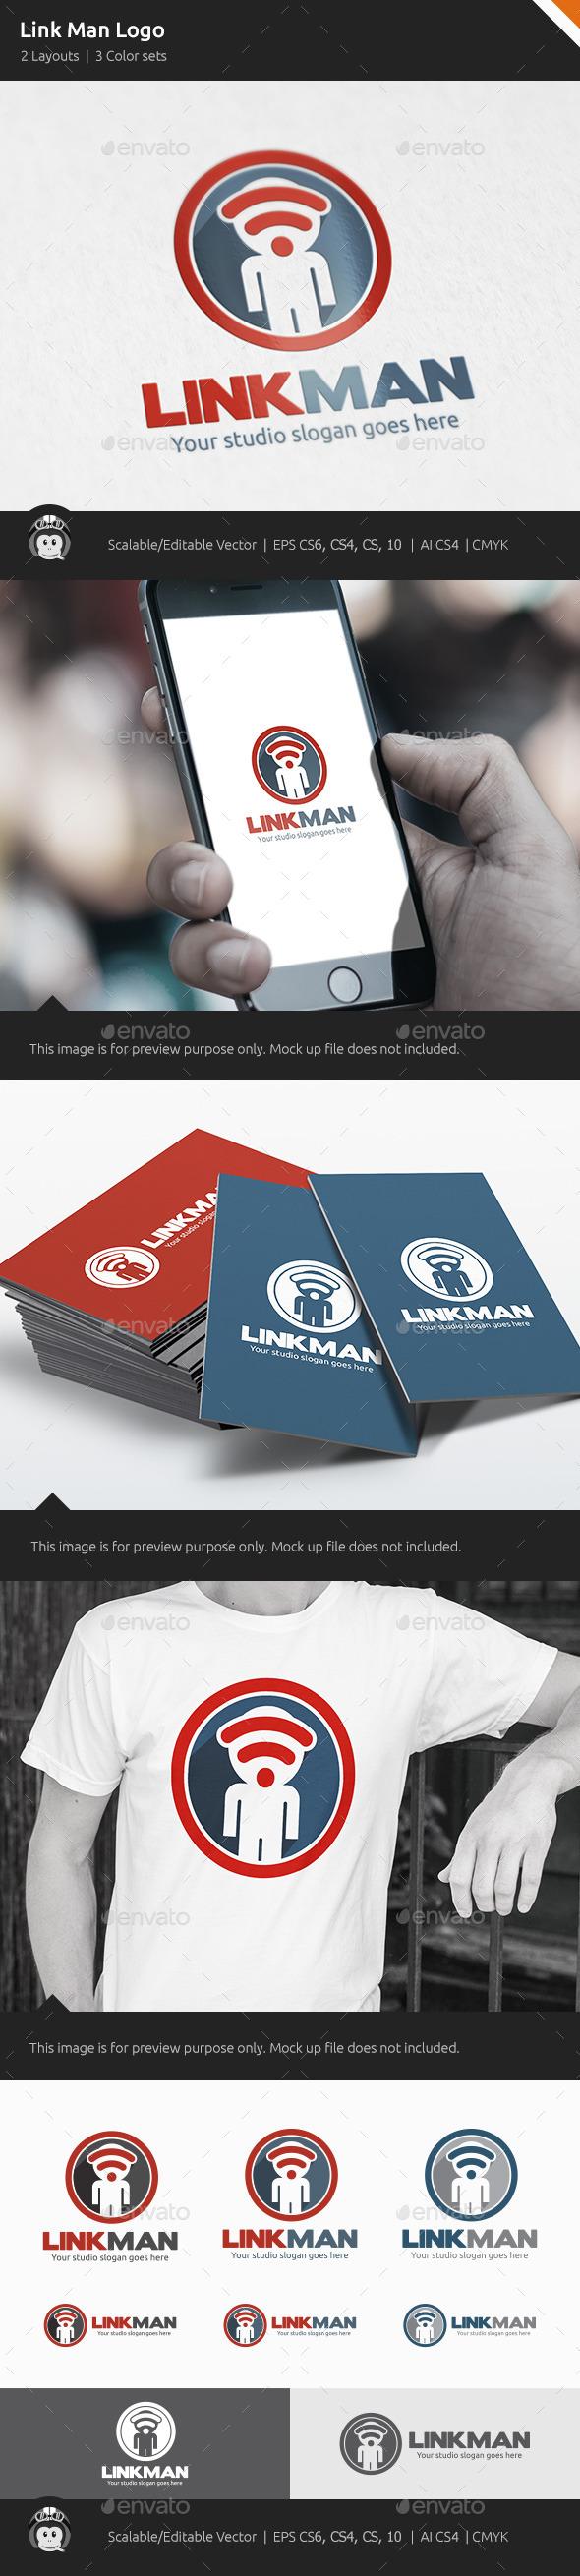 GraphicRiver Link Man Logo 10592770